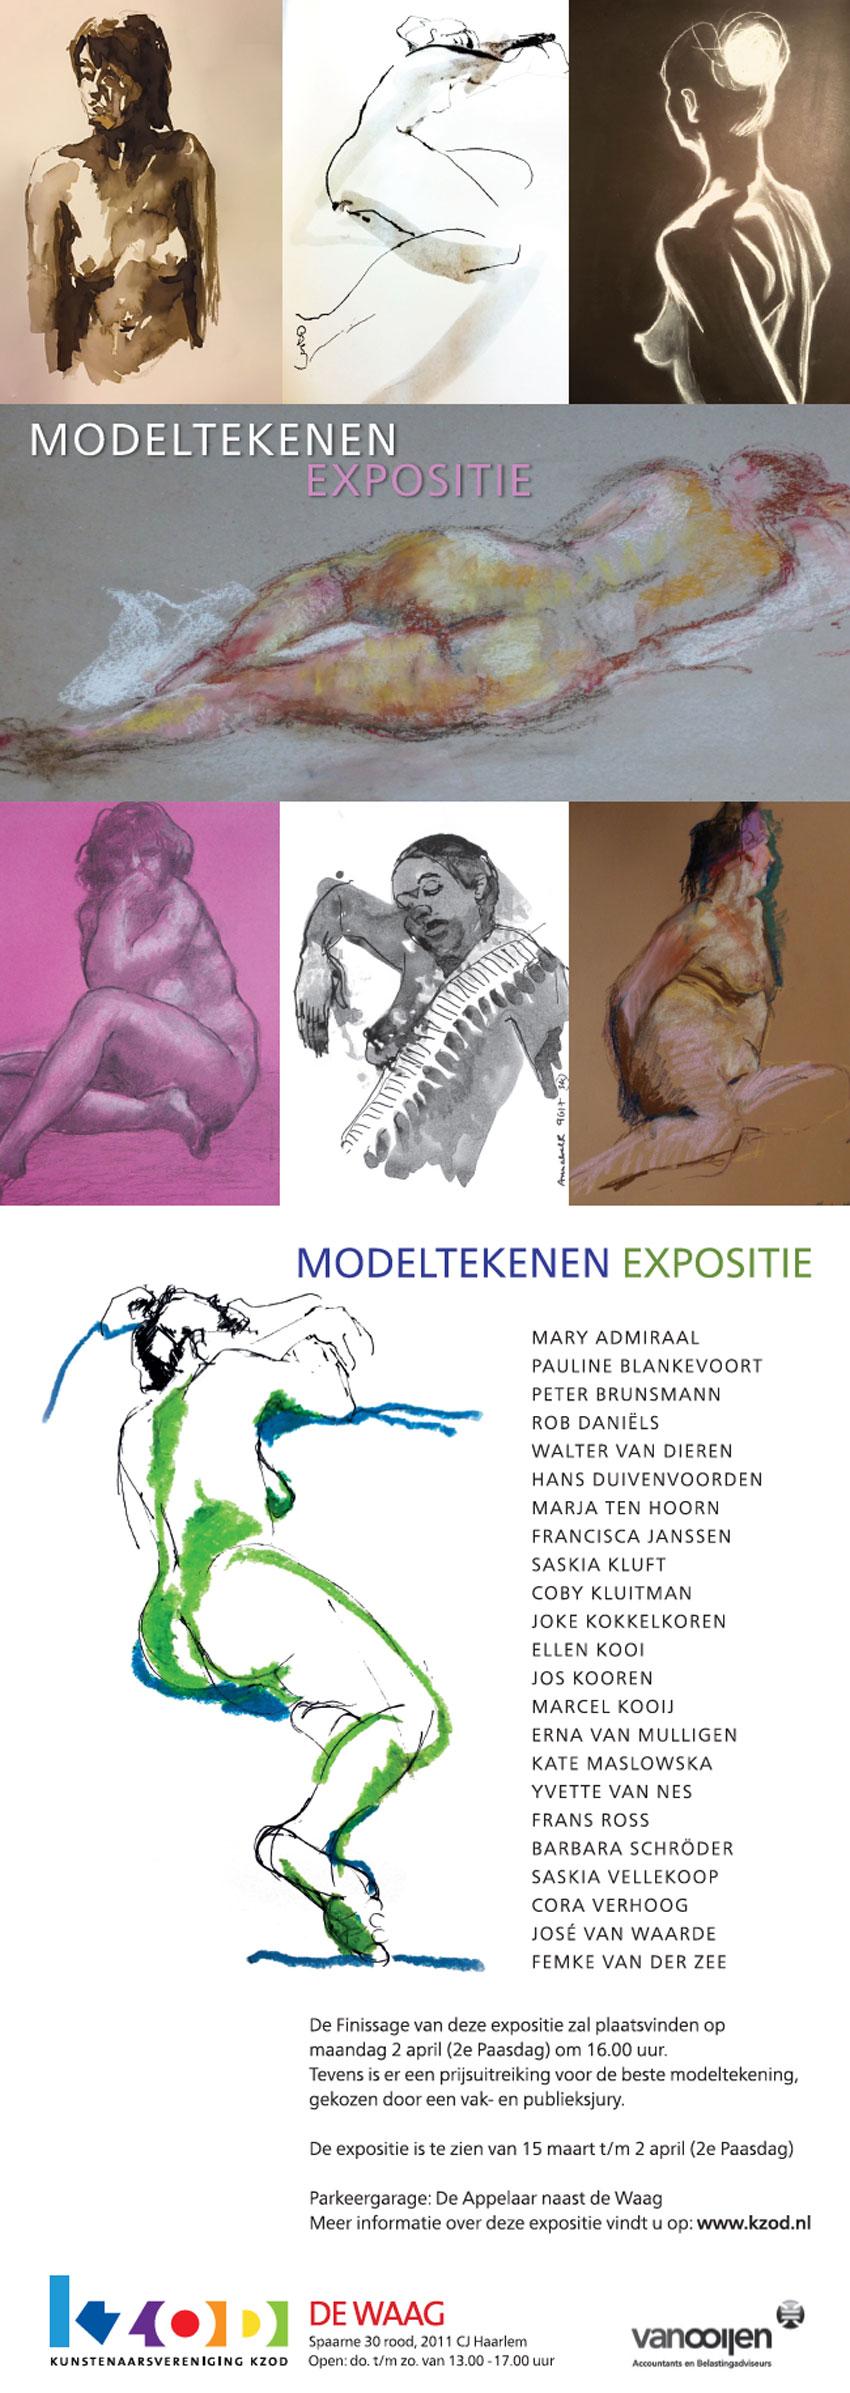 Expositie De Waag |  Modeltekenen